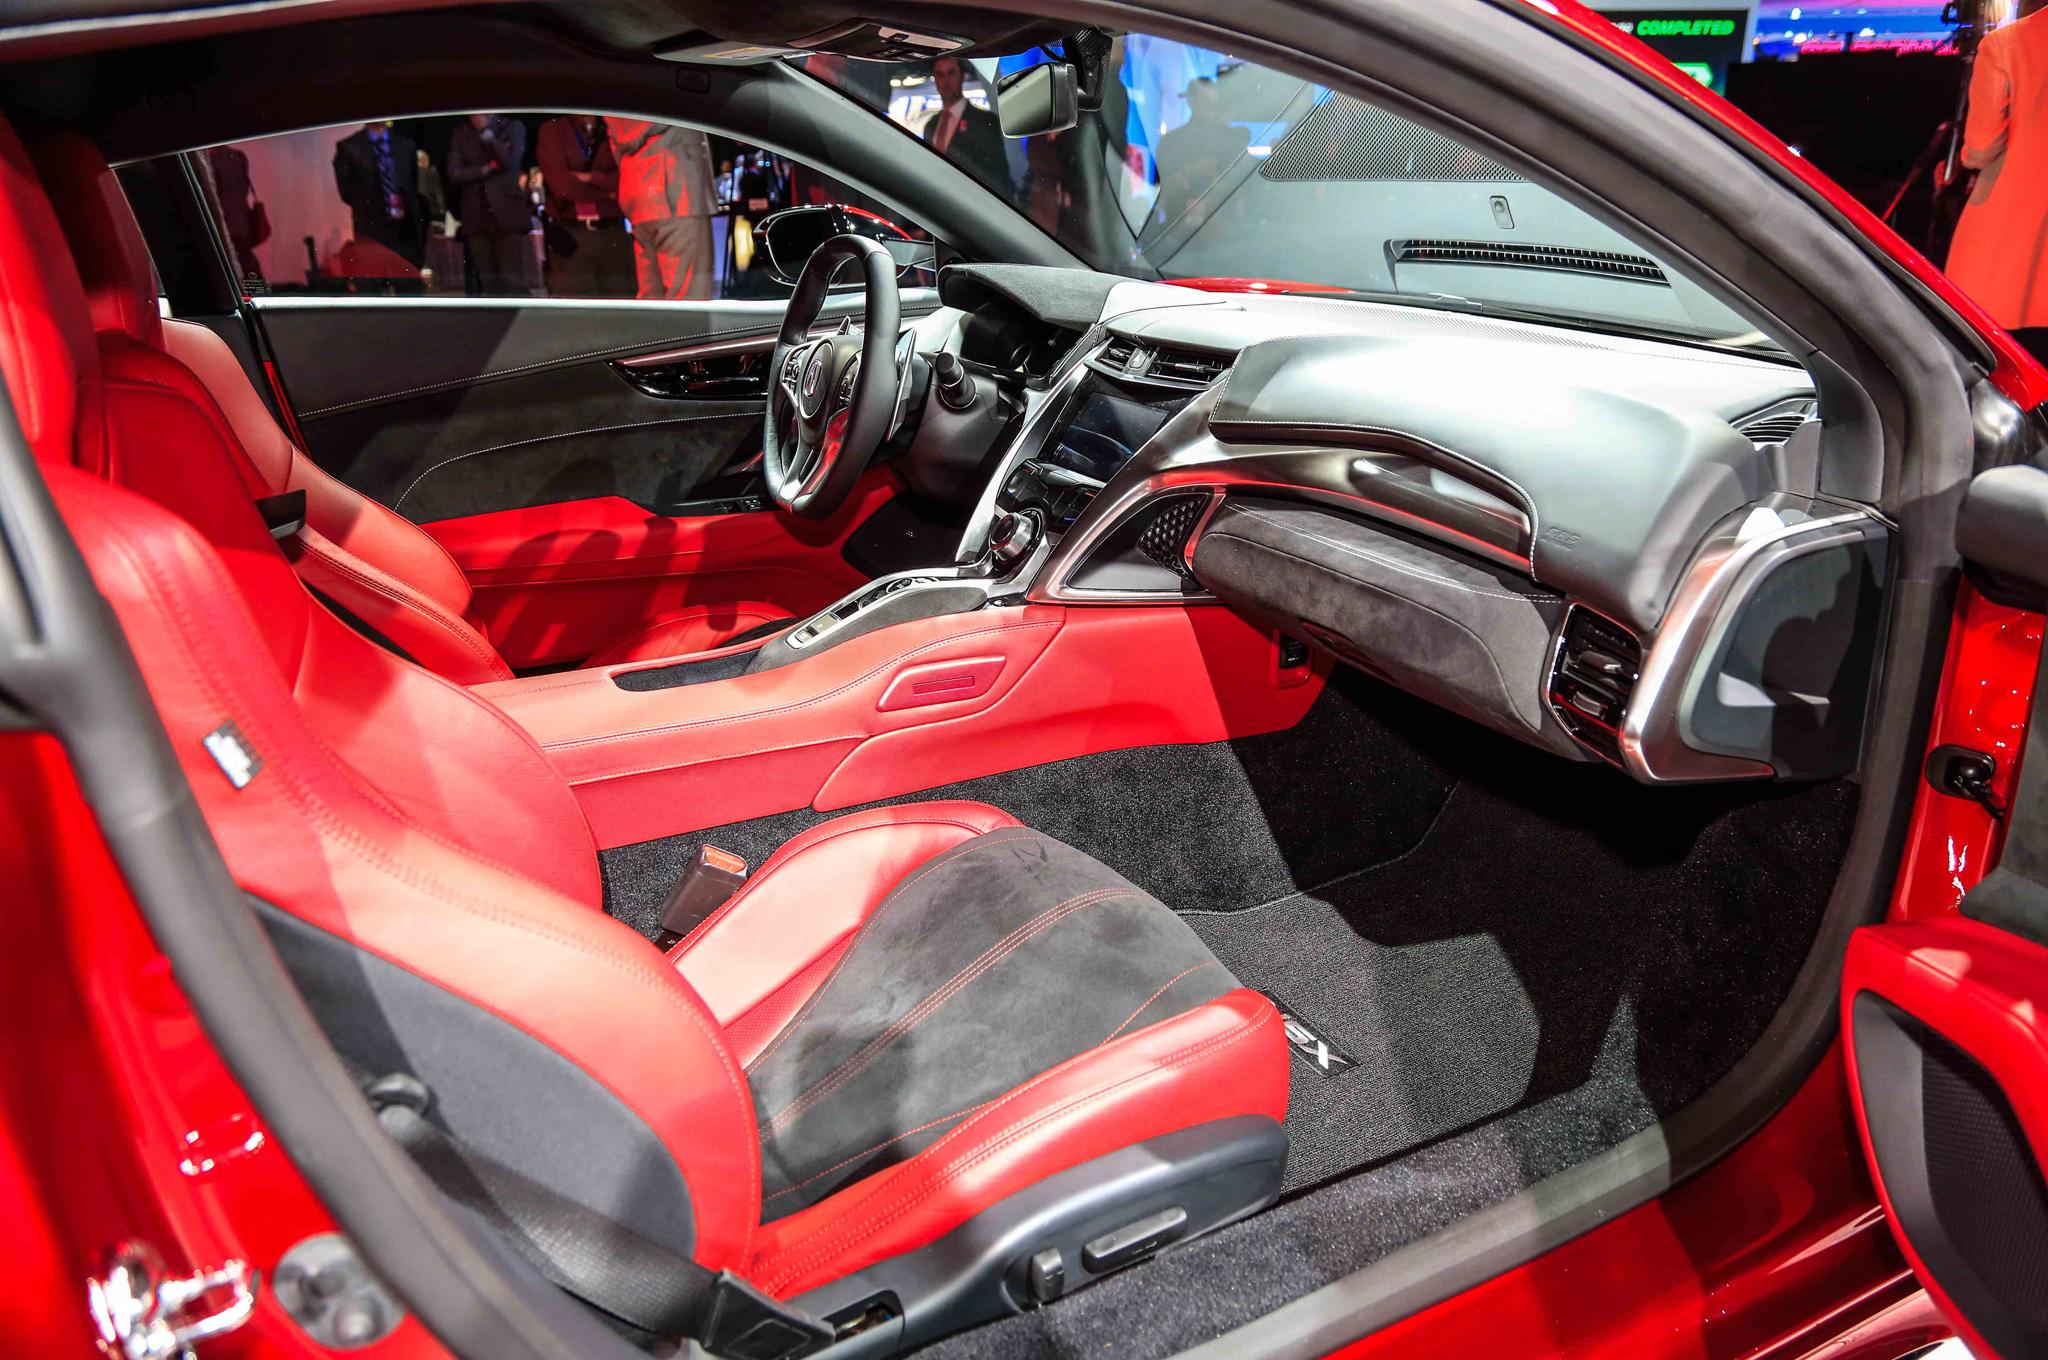 ... 2016 Acura Nsx Interior View 02 ...